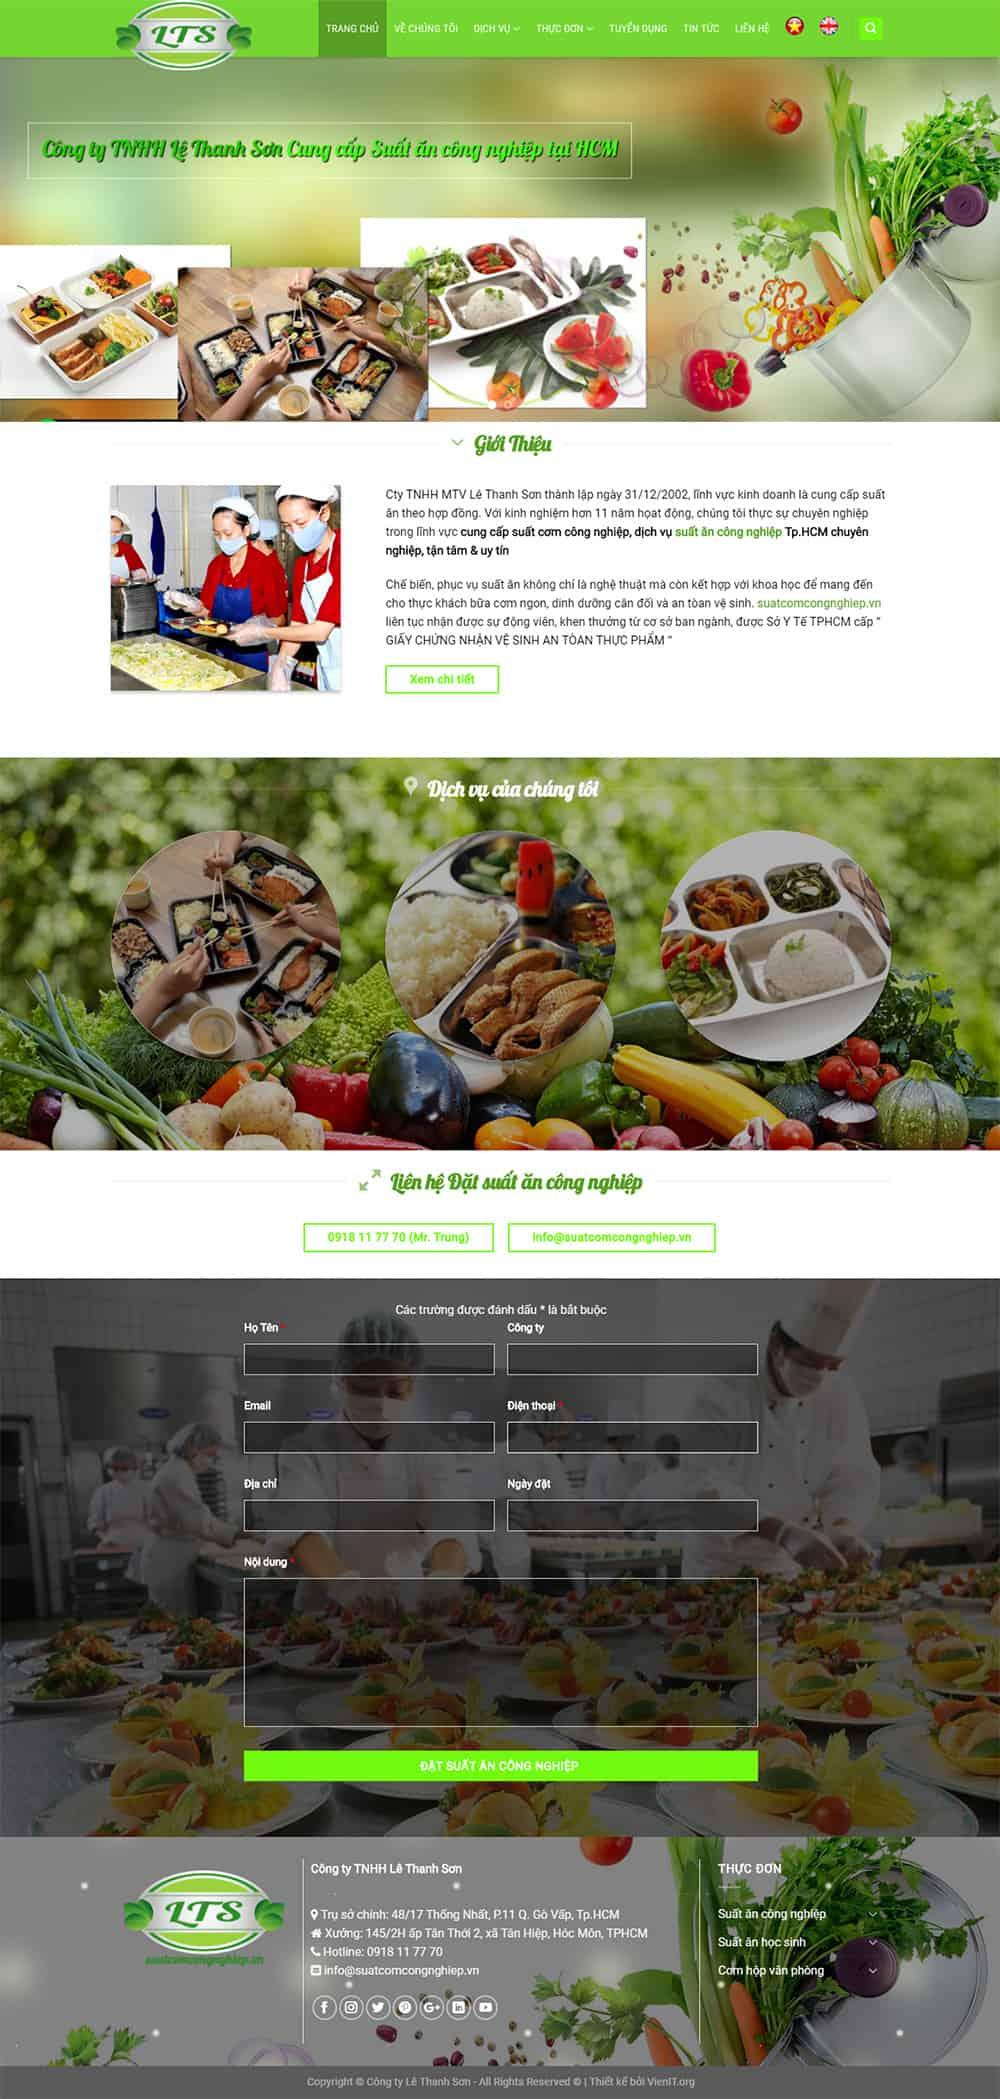 Giao diện website cung cấp thực phẩm sang trọng